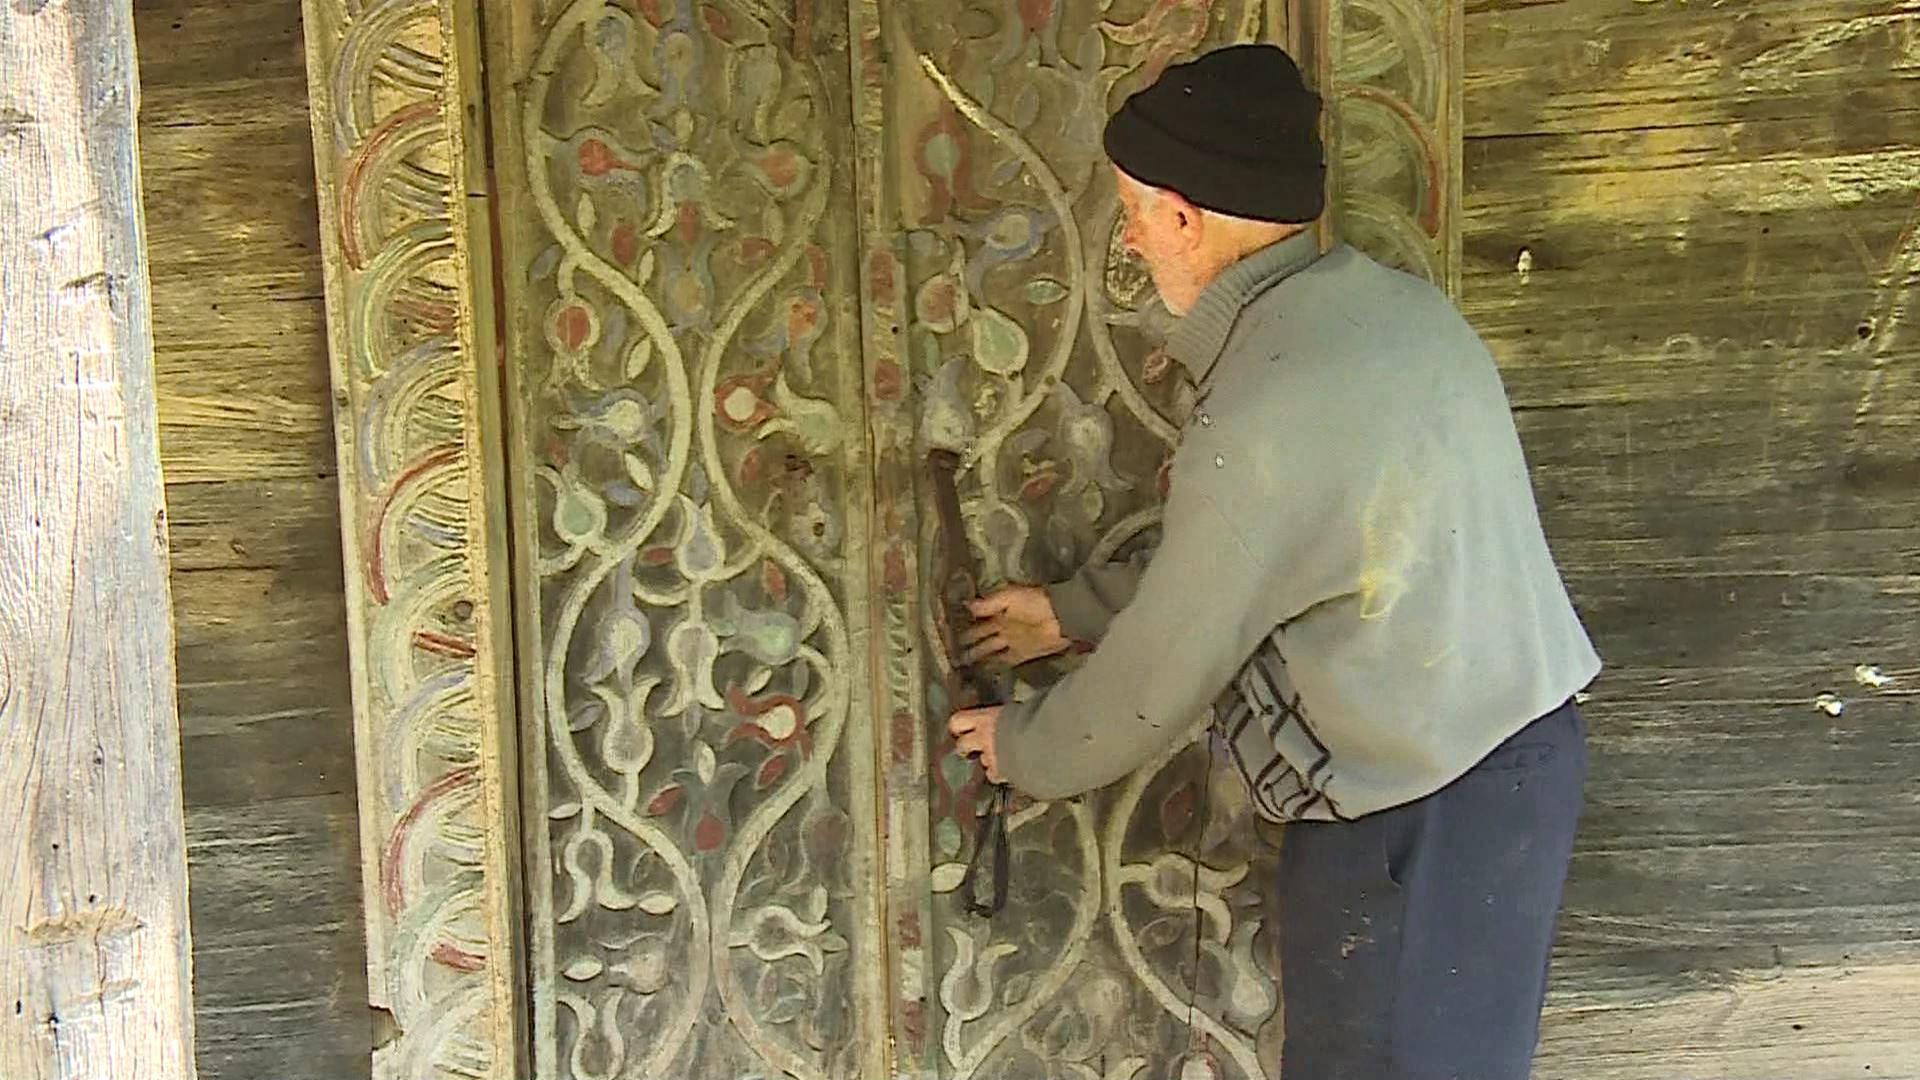 ზვარეს მეჩეთის დაზიანებული სახურავი ორნამენტებს საფრთხეს უქმნის